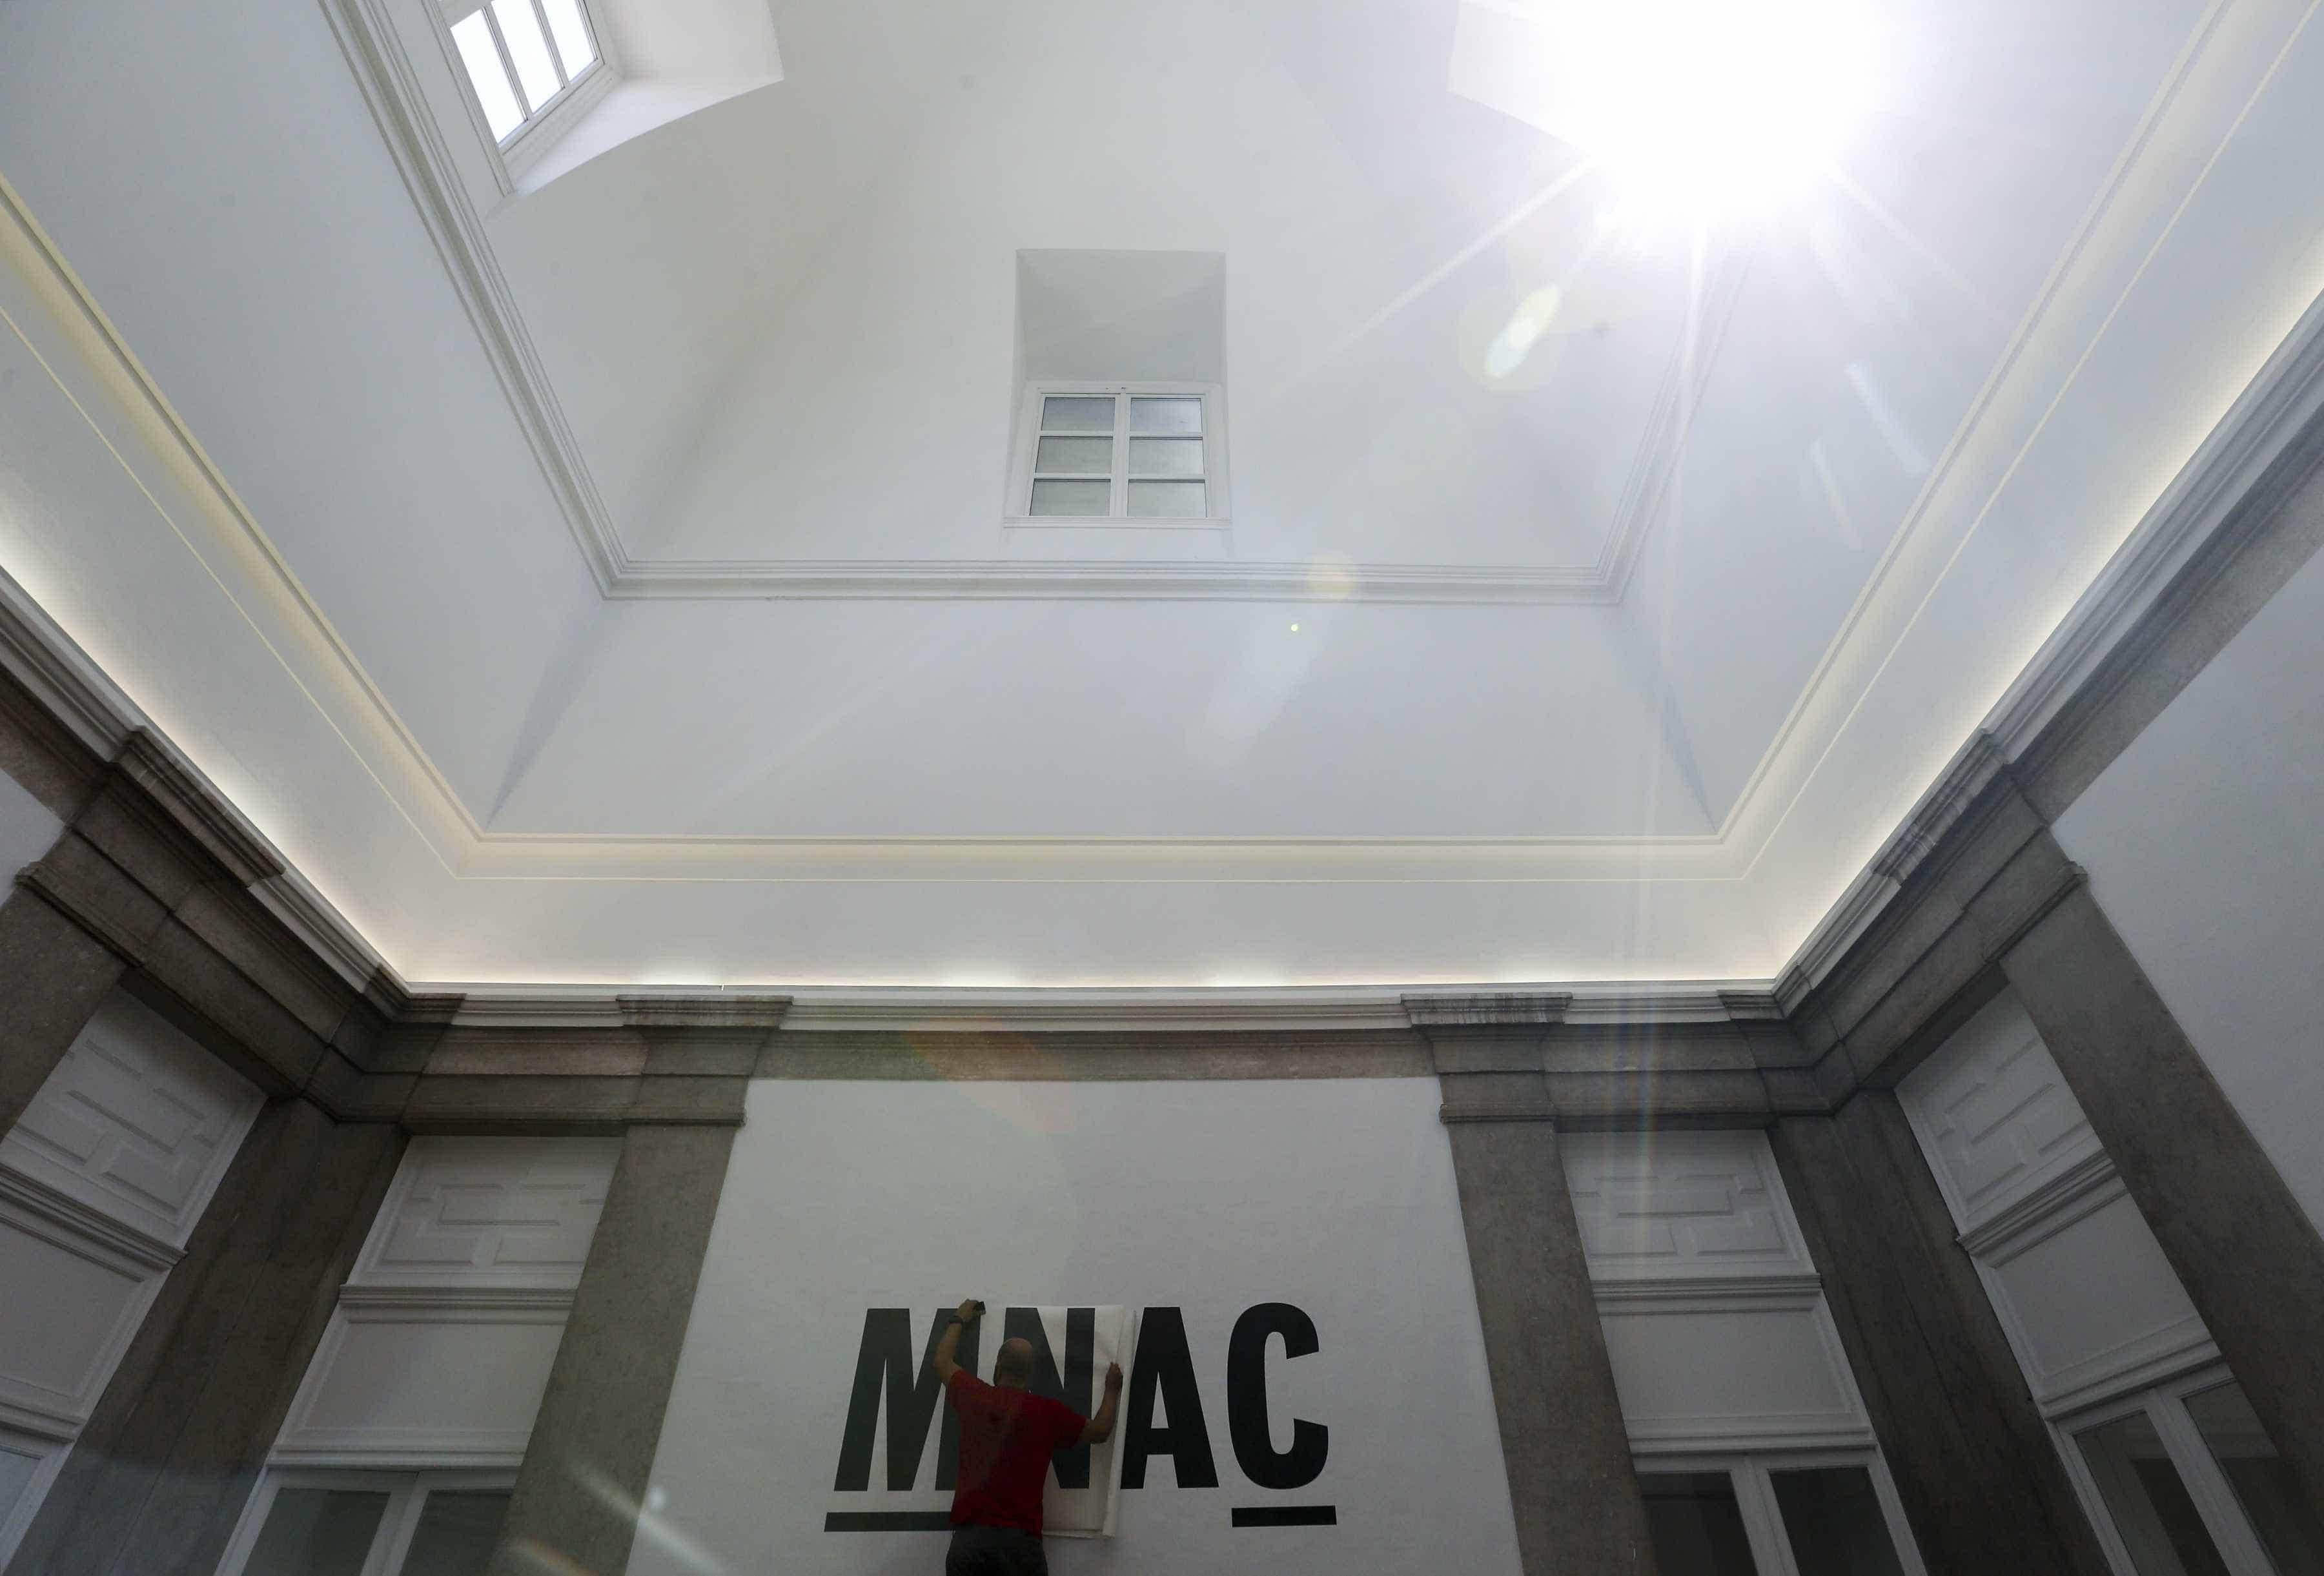 Livro como objeto e produtor de cultura é exposição no Museu do Chiado